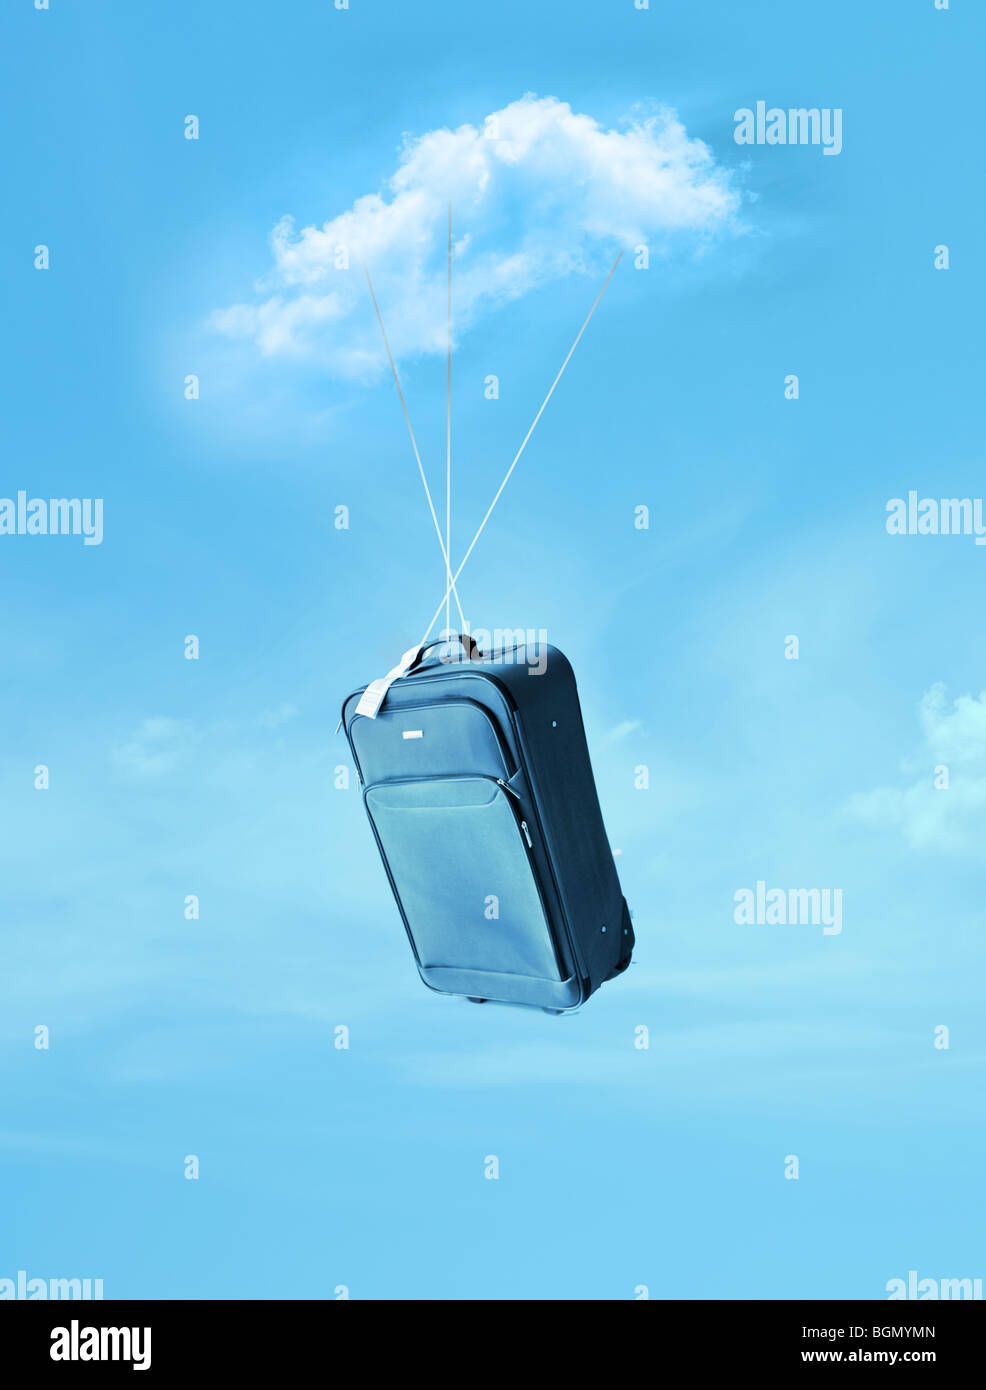 flying suitcase - Stock Image